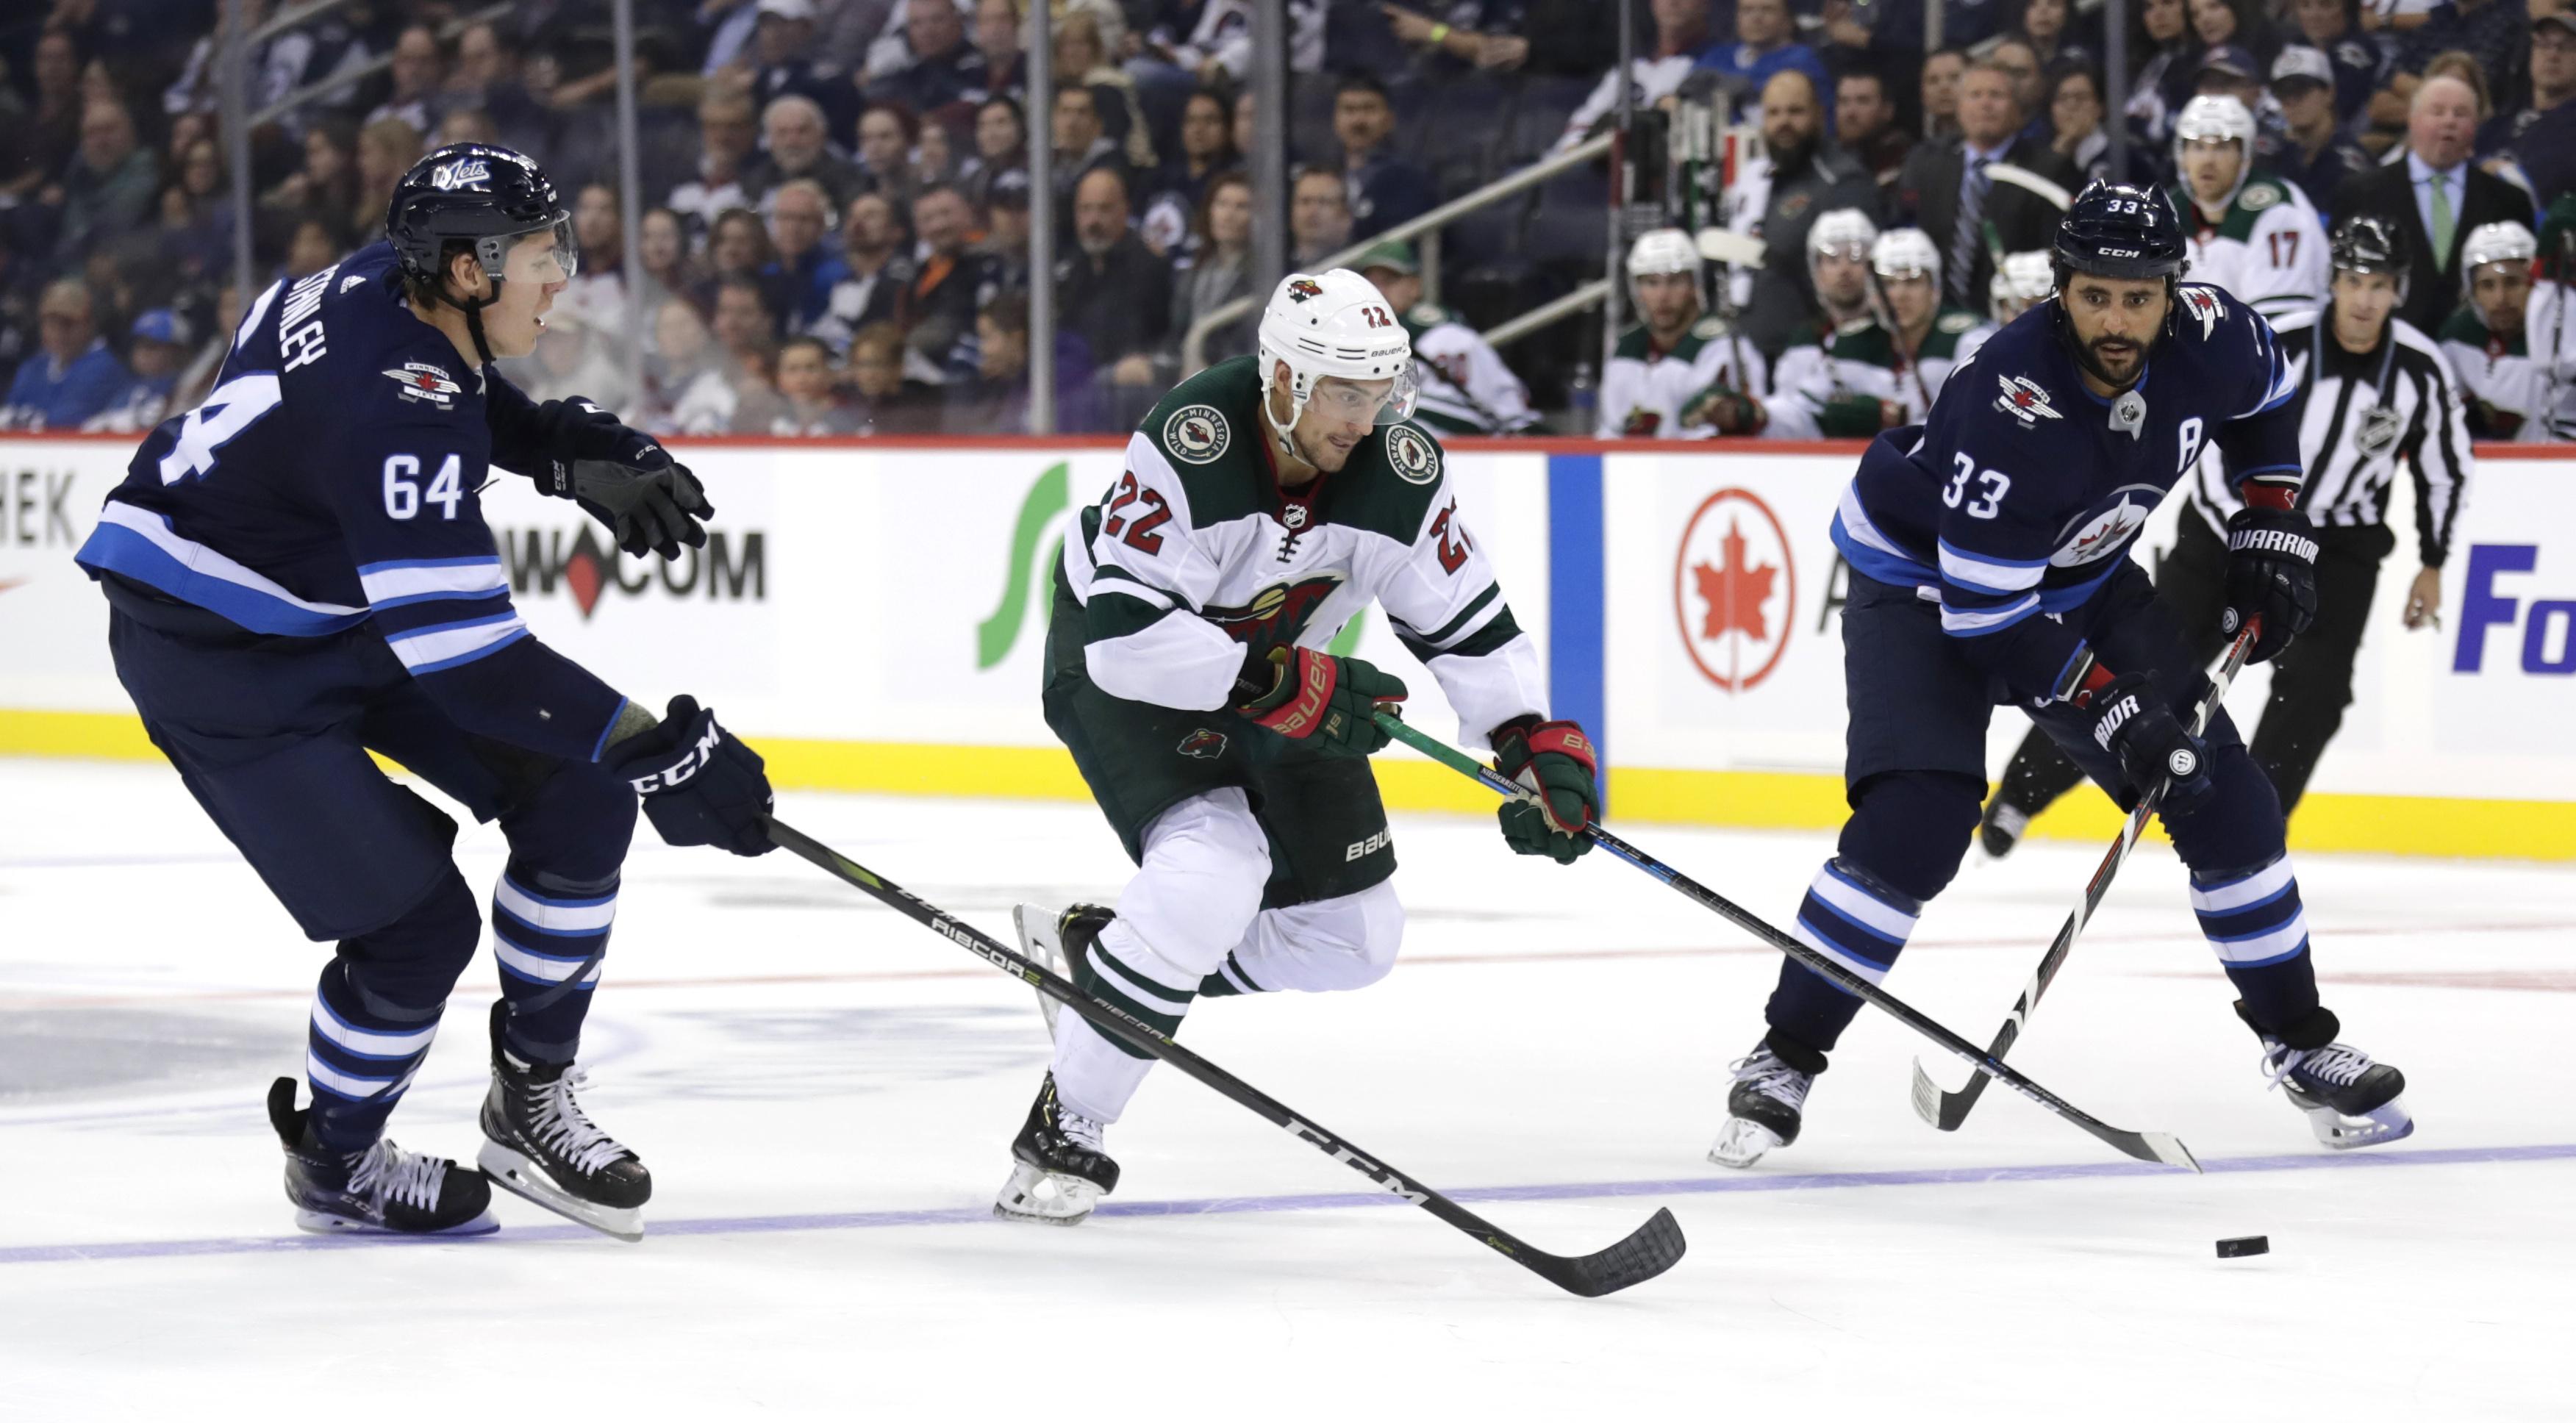 NHL: Preseason-Minnesota Wild at Winnipeg Jets